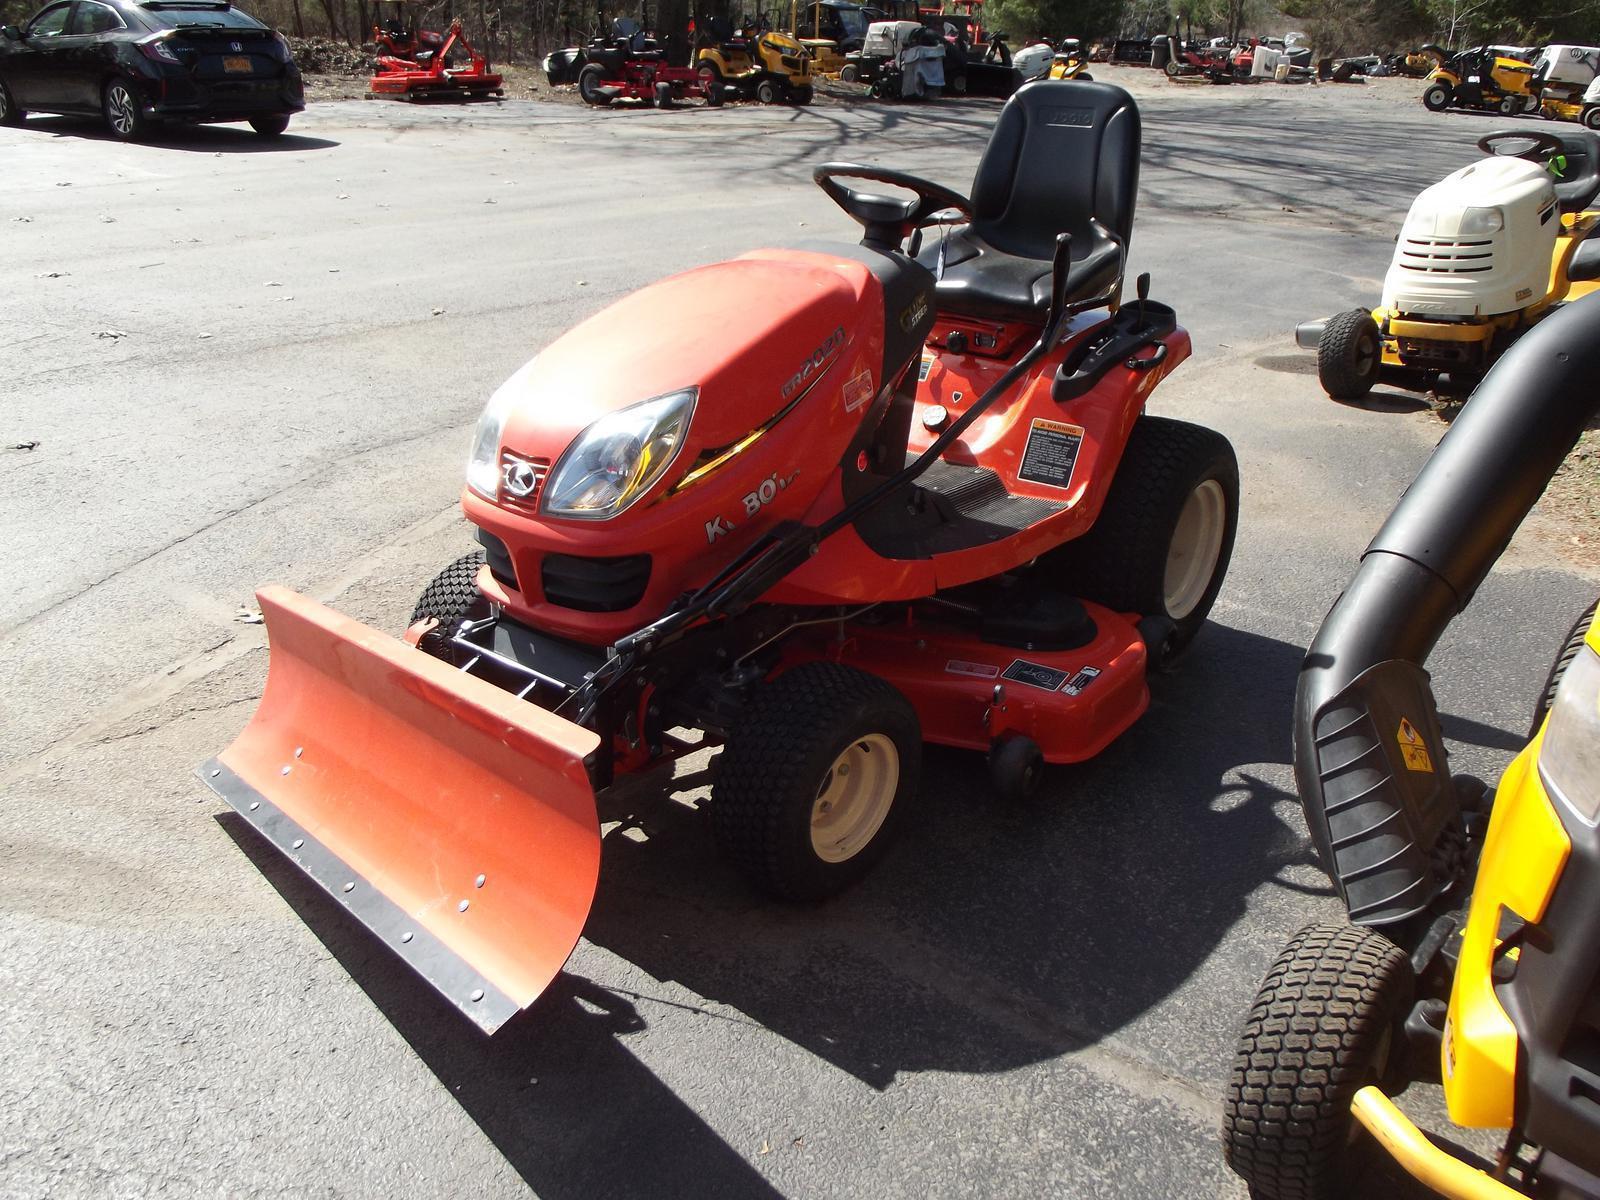 John Deere Riding Mower Keeps Stalling